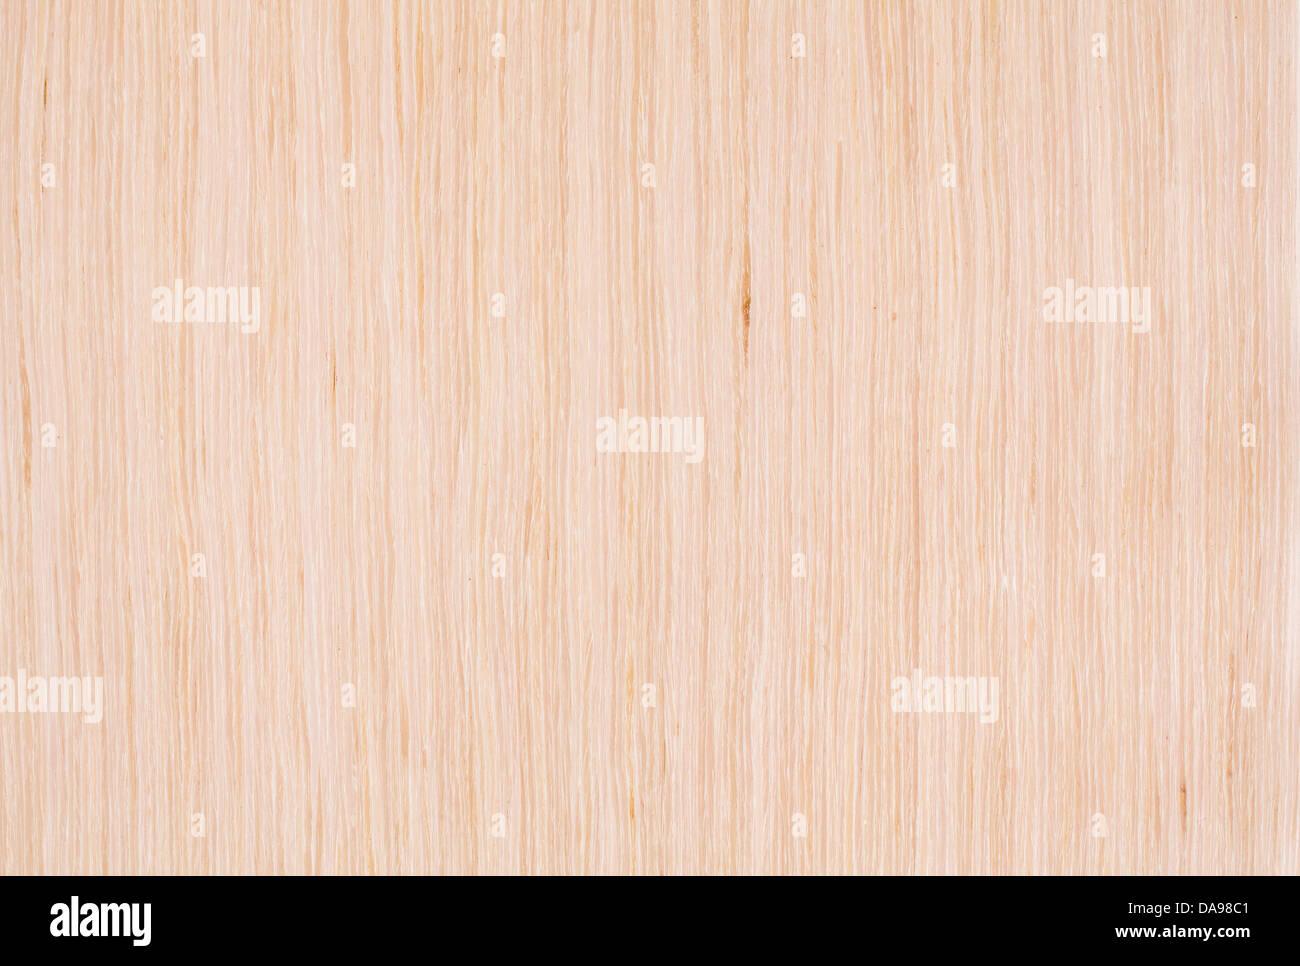 Legno Naturale Sbiancato : Rovere sbiancato legno texture naturali foto immagine stock